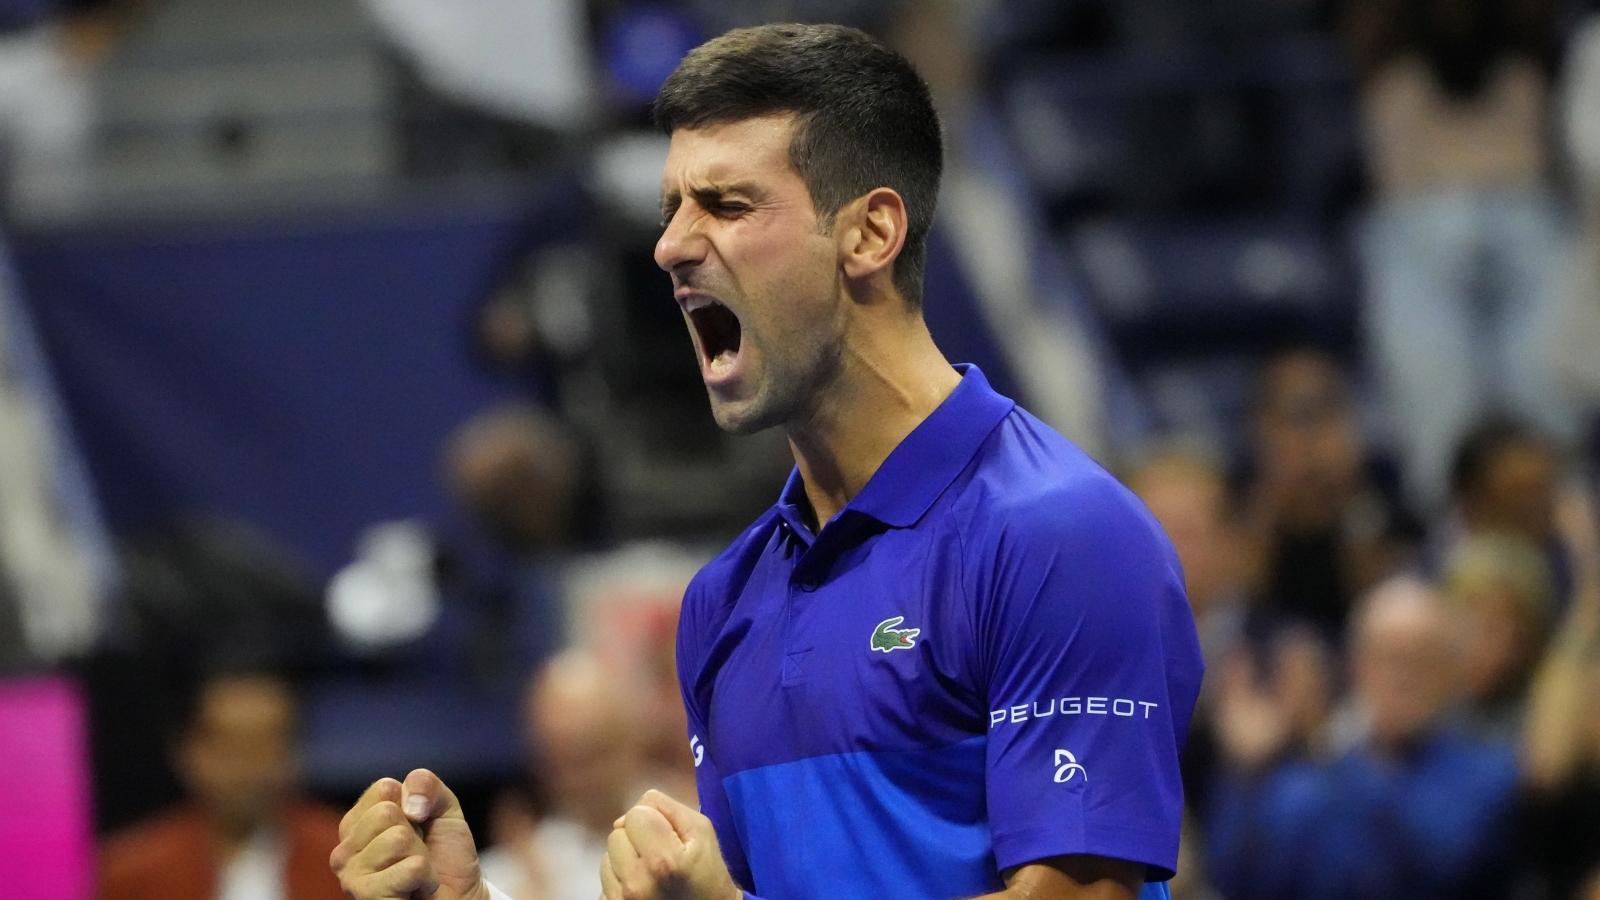 Djokovic vào chung kết US Open 2021, sắp thành tay vợt vĩ đại nhất lịch sử